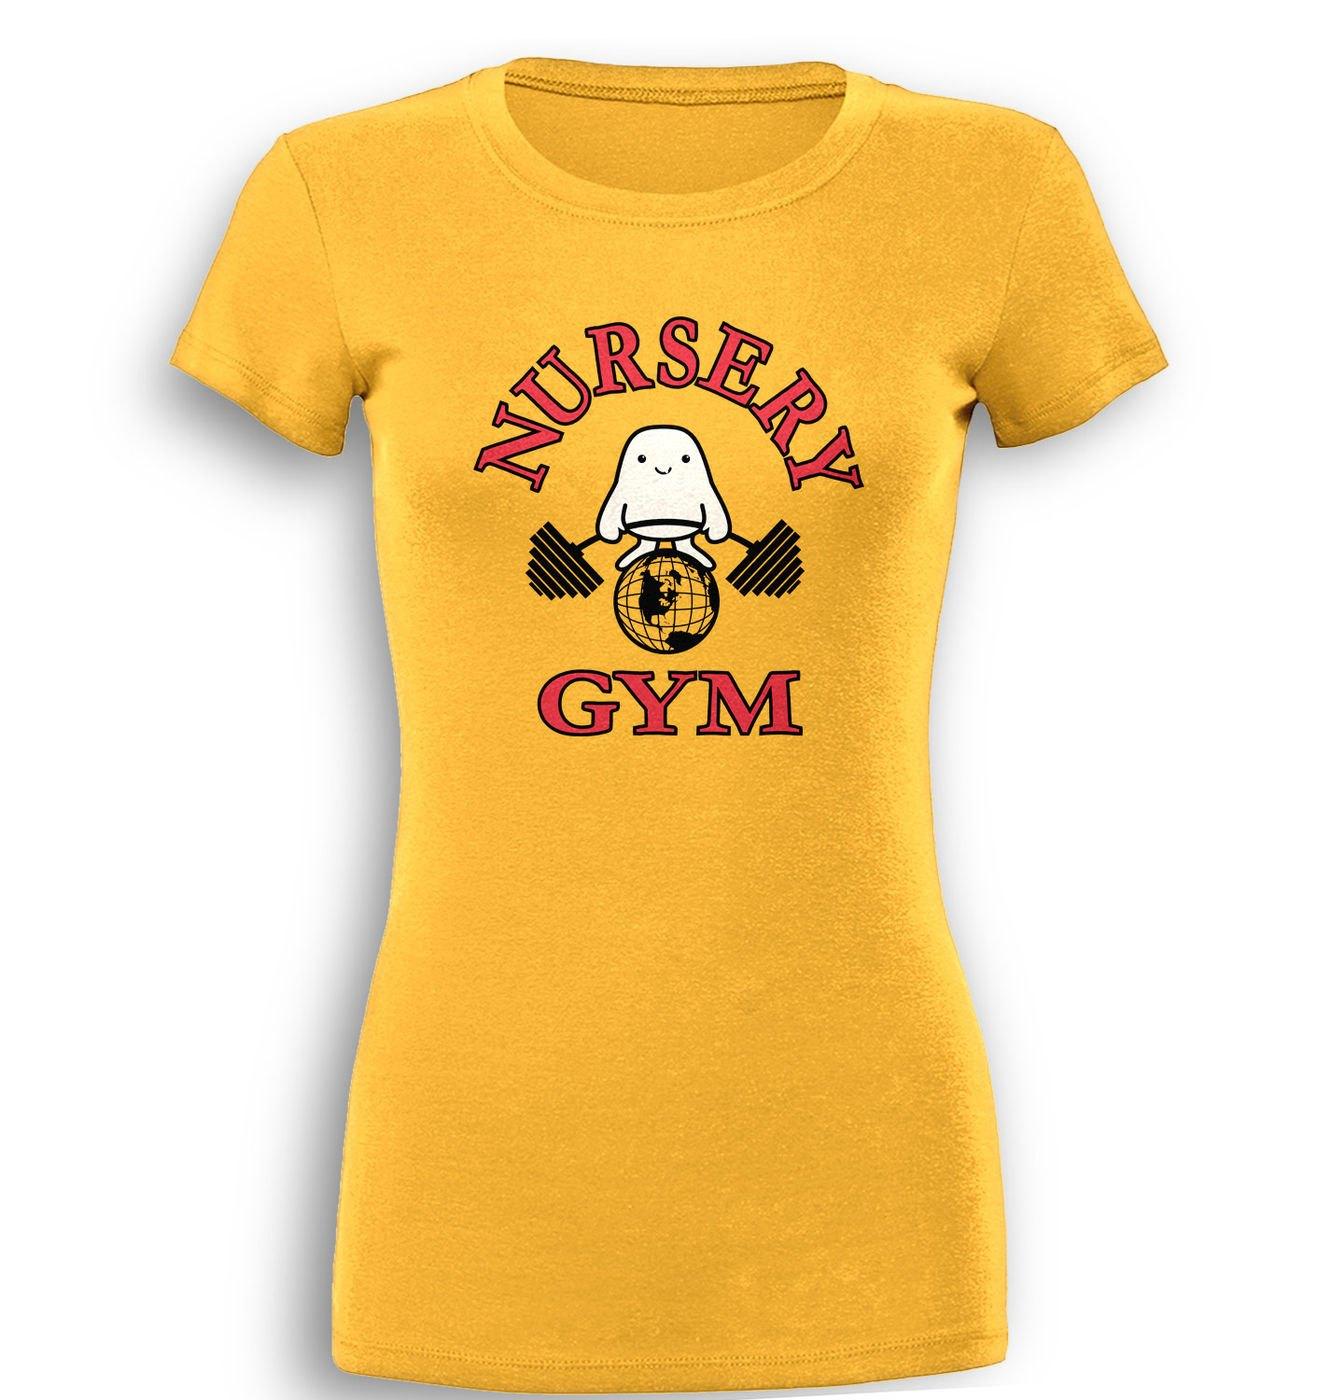 Nursery Gym premium womens t-shirt by Something Geeky